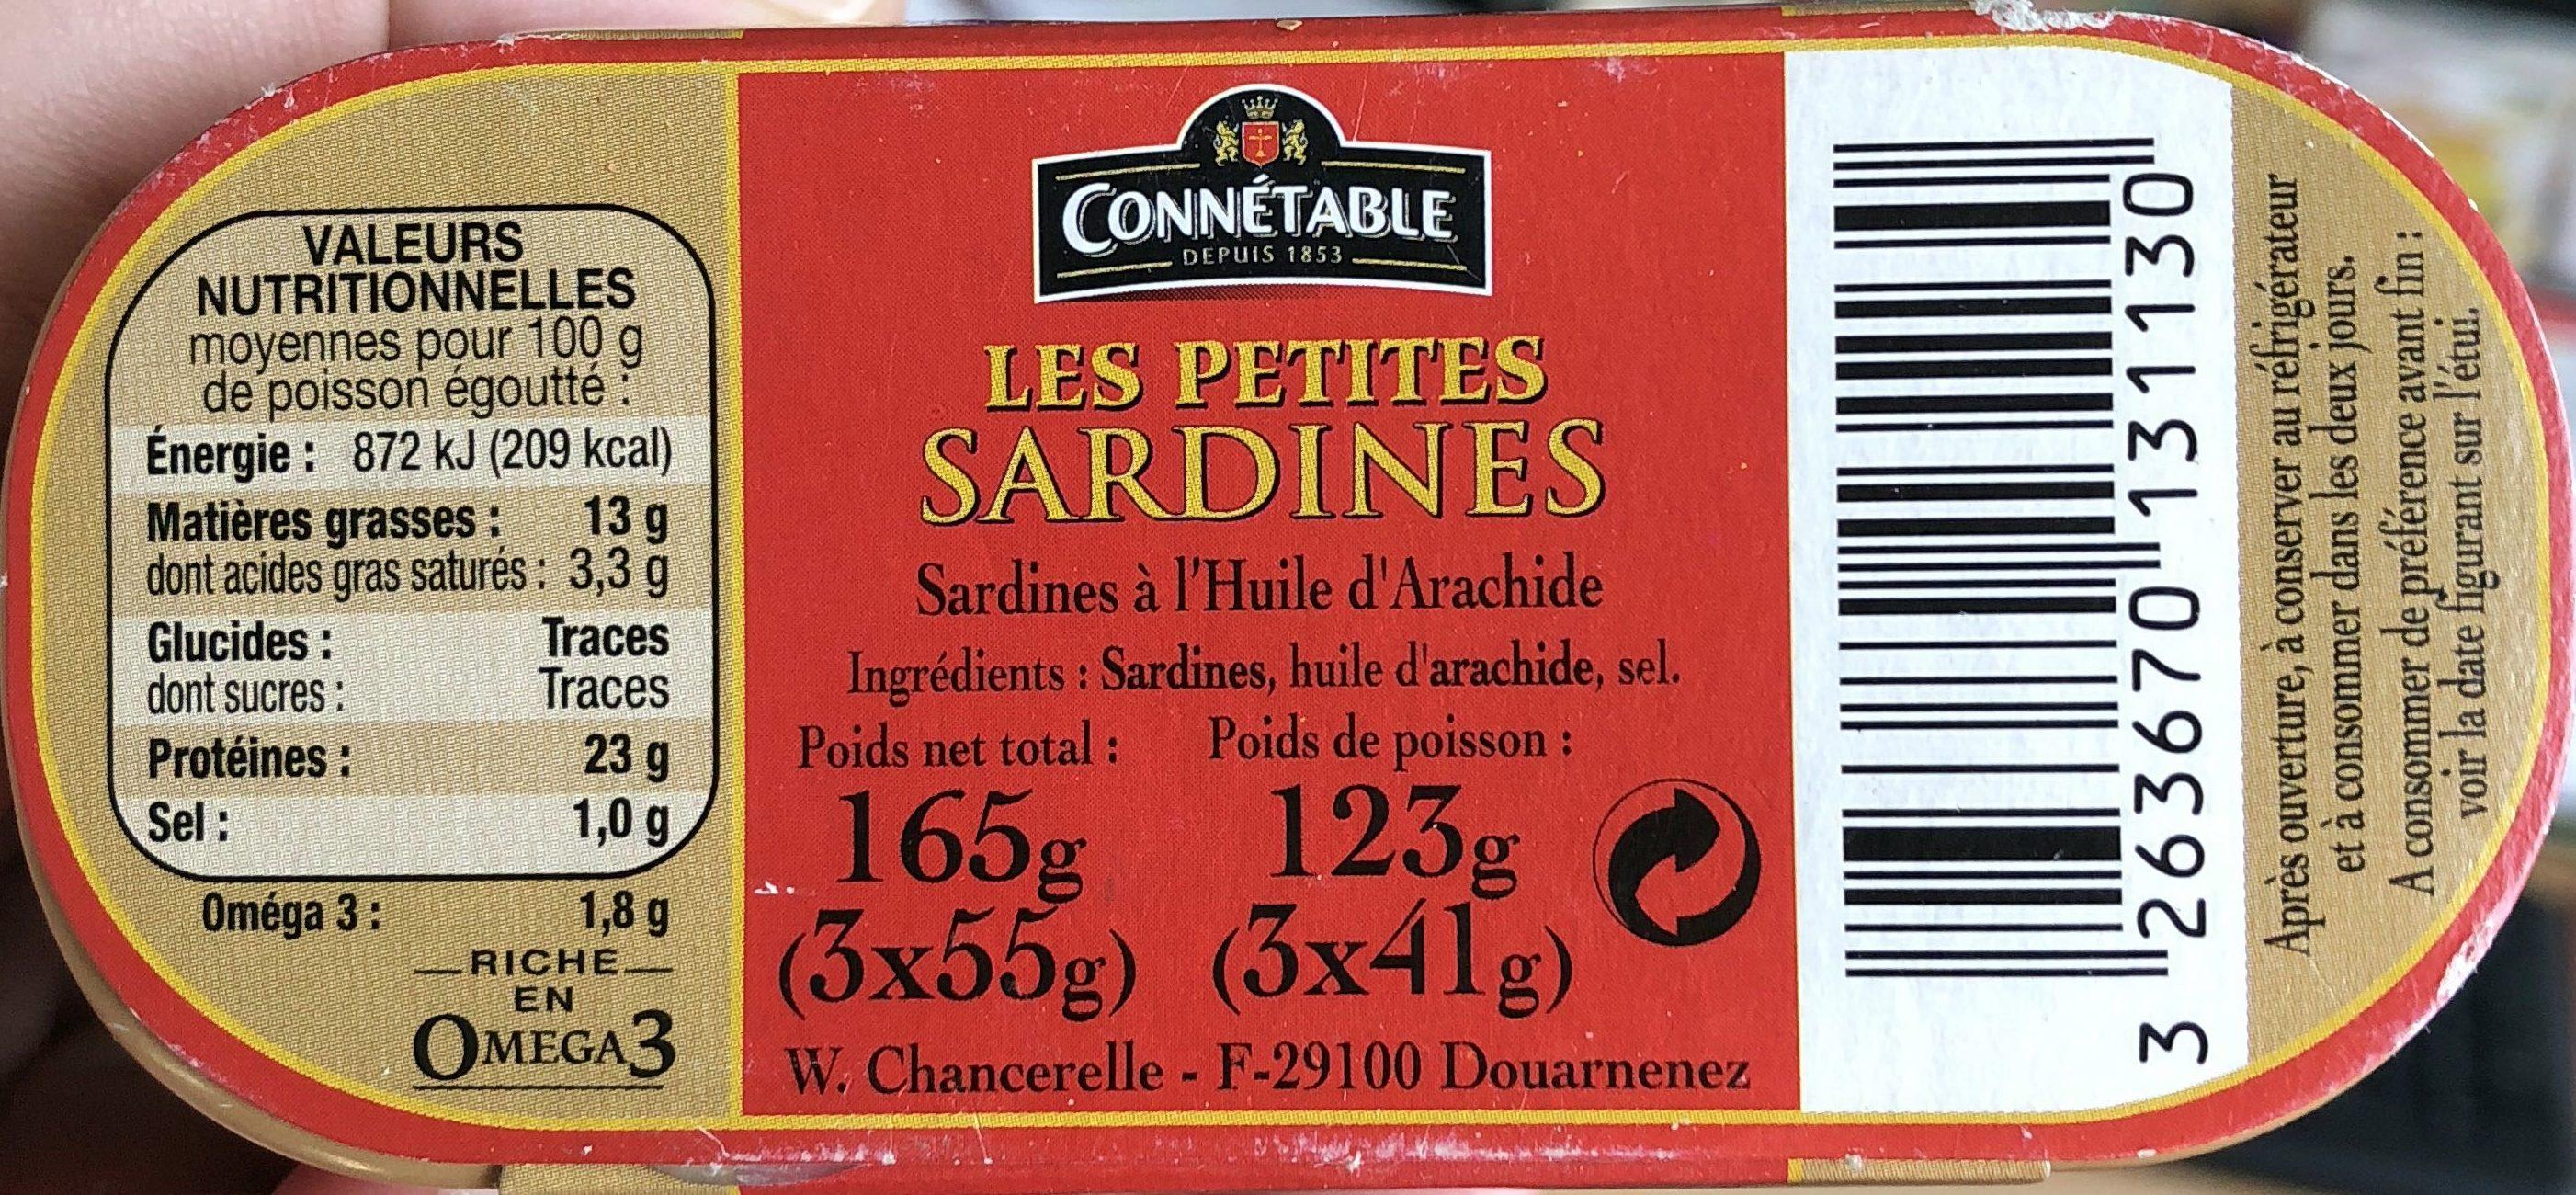 Les petites sardines - Produit - fr